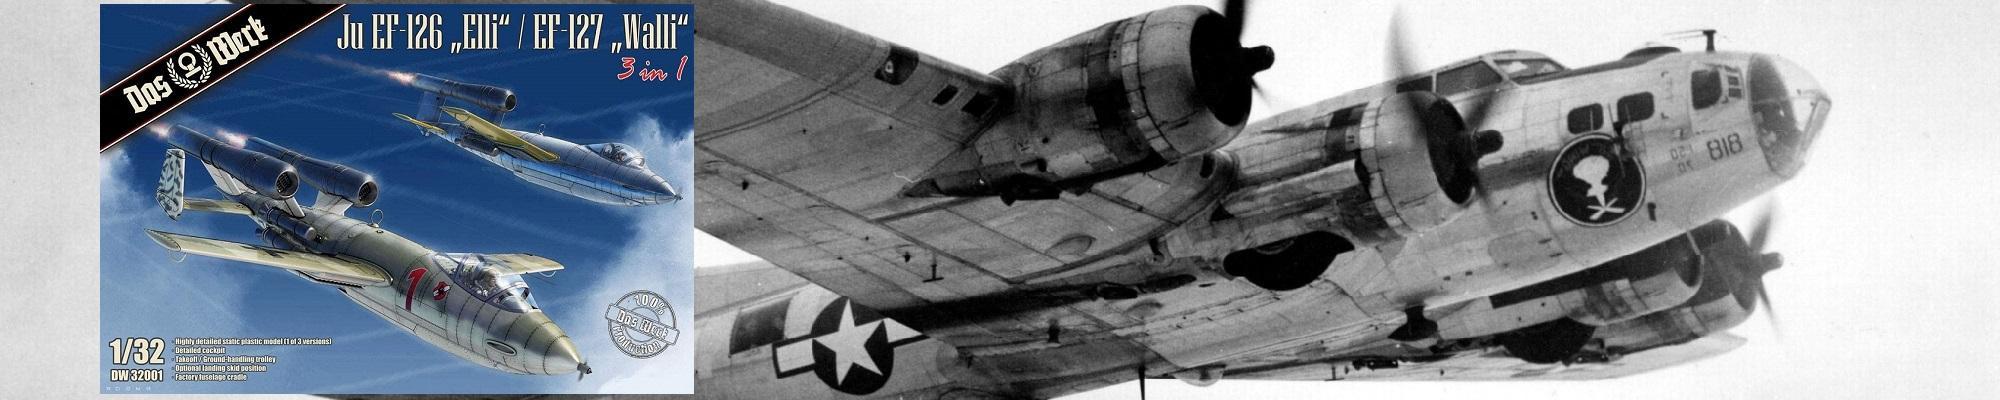 DAS WERK DW32001 Junkers Ju EF-126 'Elli' / Ju EF-127 'Walli'